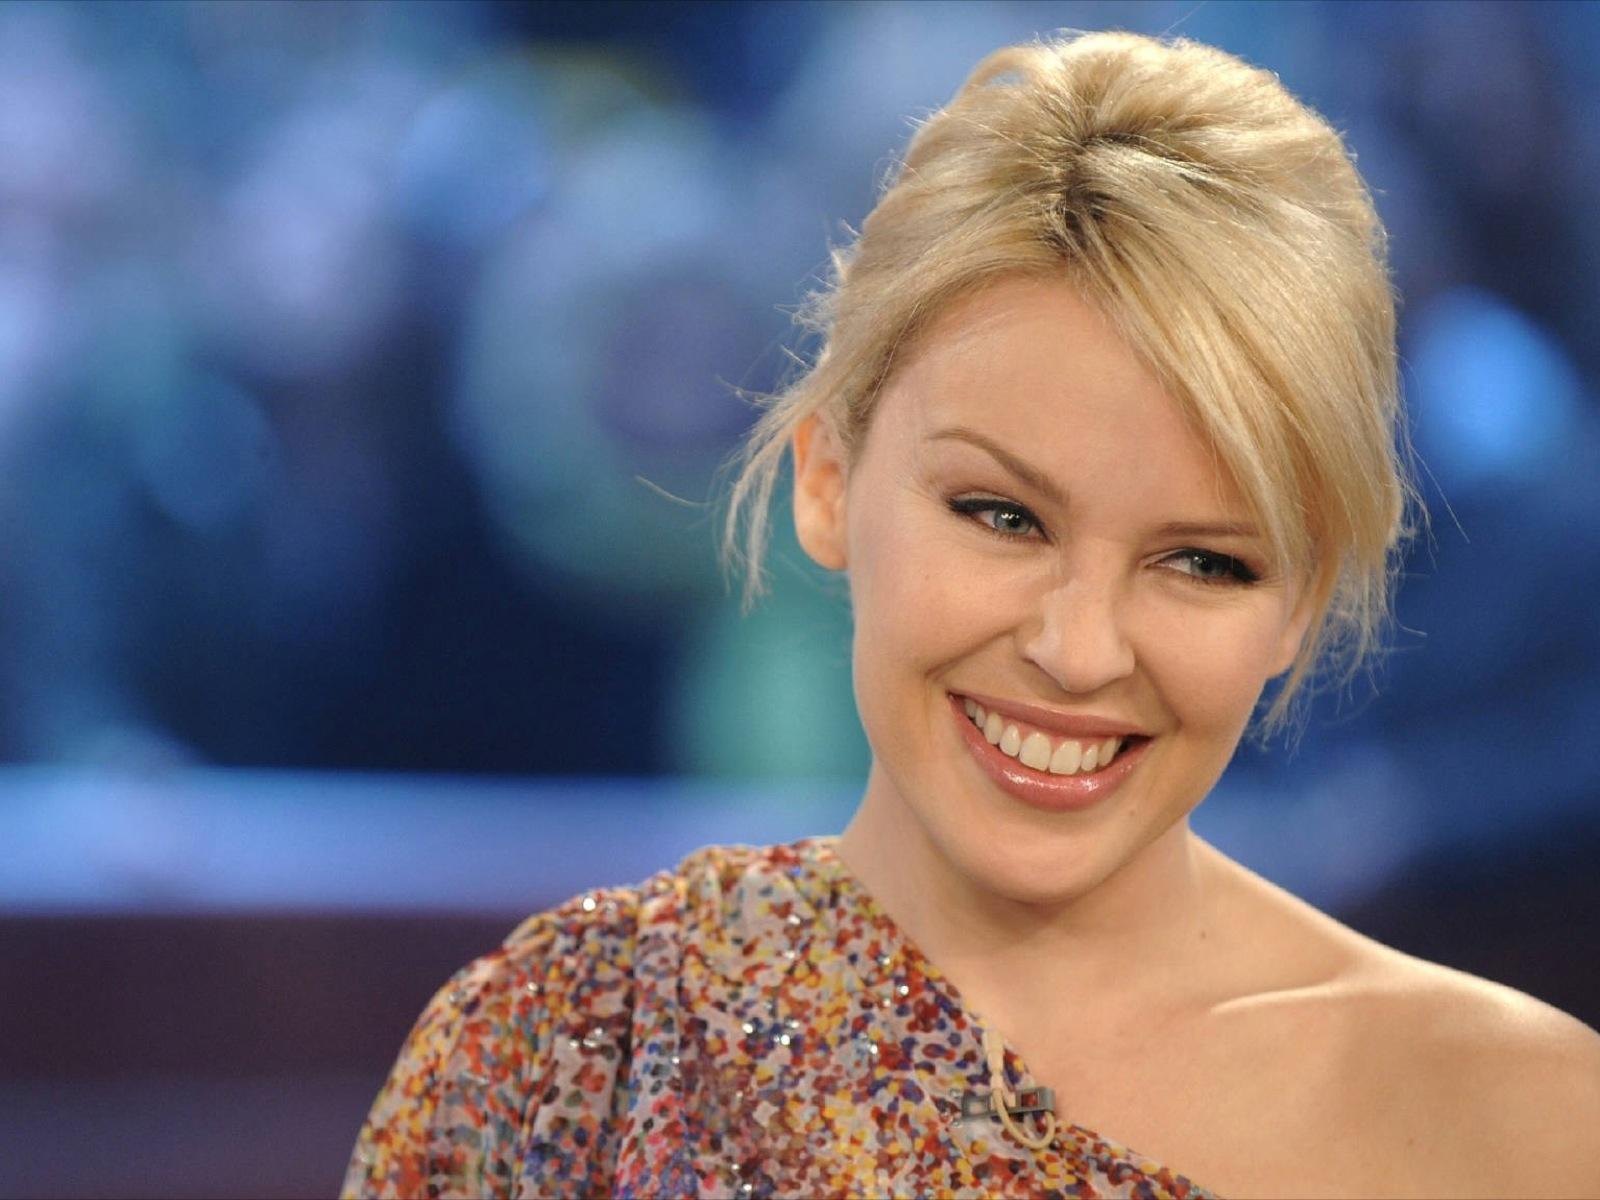 http://2.bp.blogspot.com/-8I44aYOrP4I/UI8MQ5nh8RI/AAAAAAAAcTQ/wpFIouCNIQc/s1600/Kylie_Minogue_interview.jpg